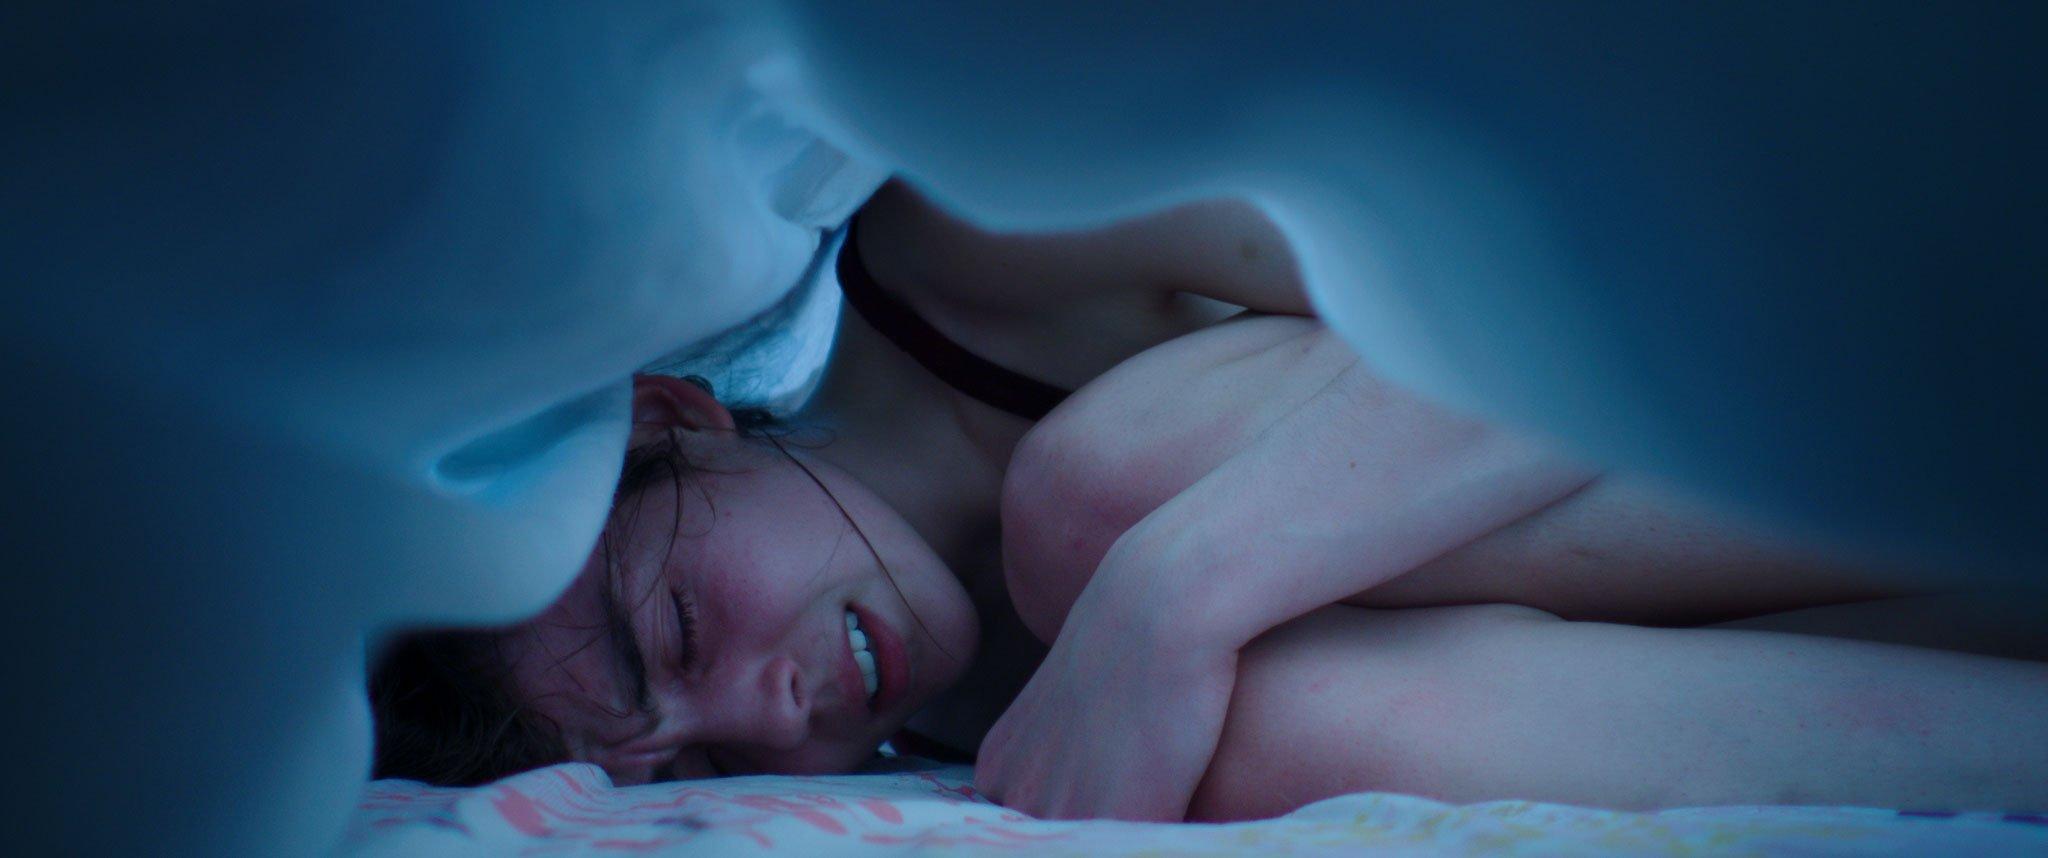 Photo du film Grave avec Garance Marillier sous les draps